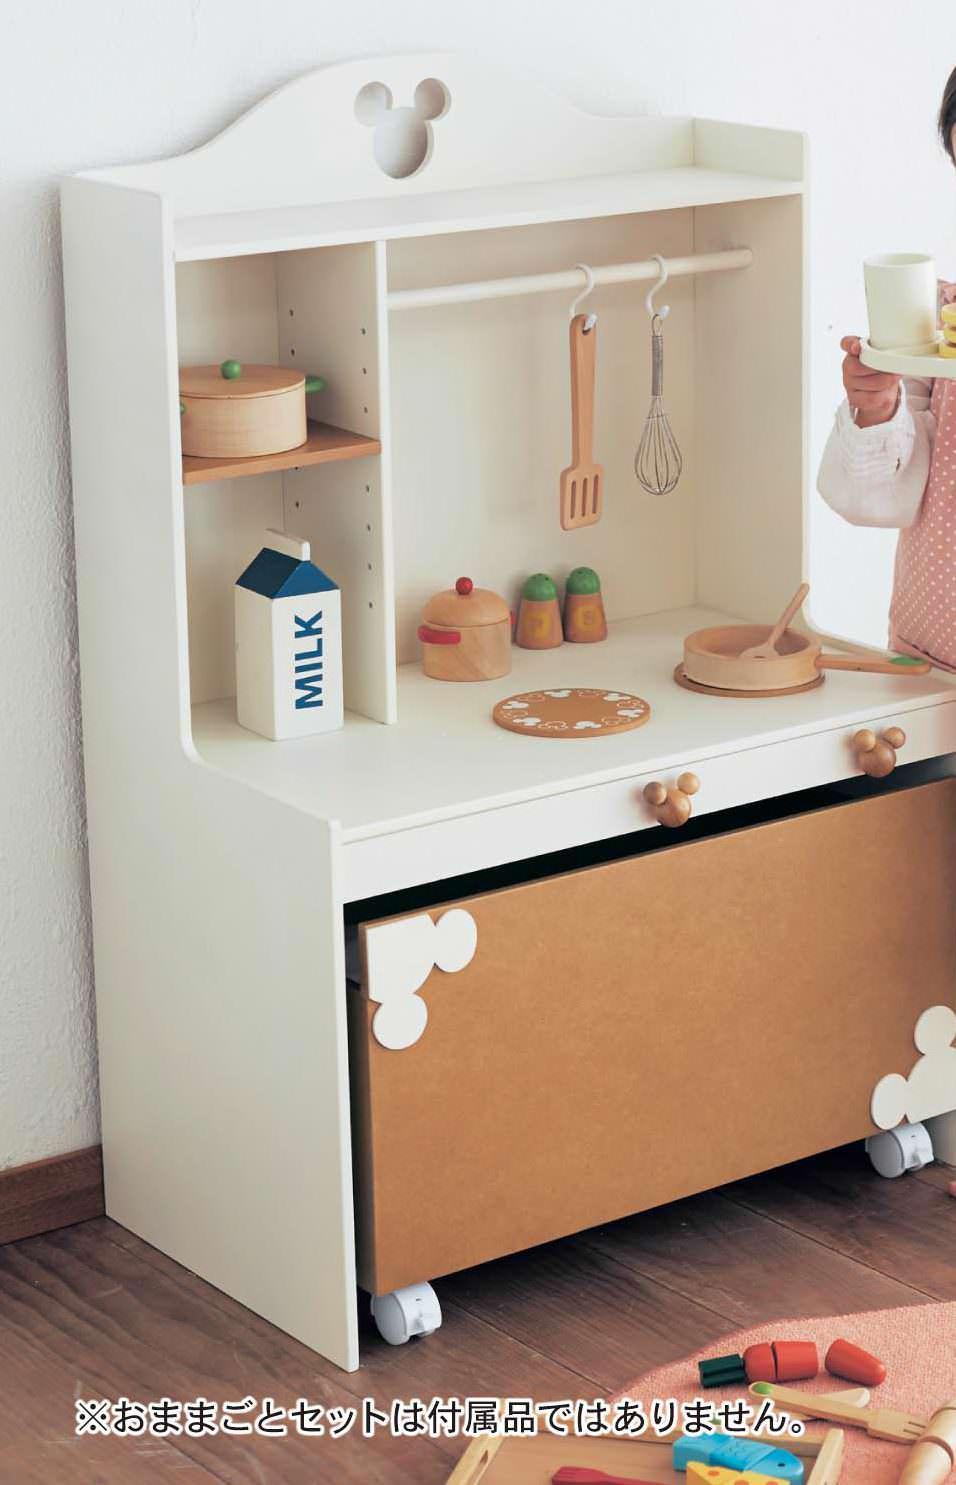 キッチン型おもちゃ収納